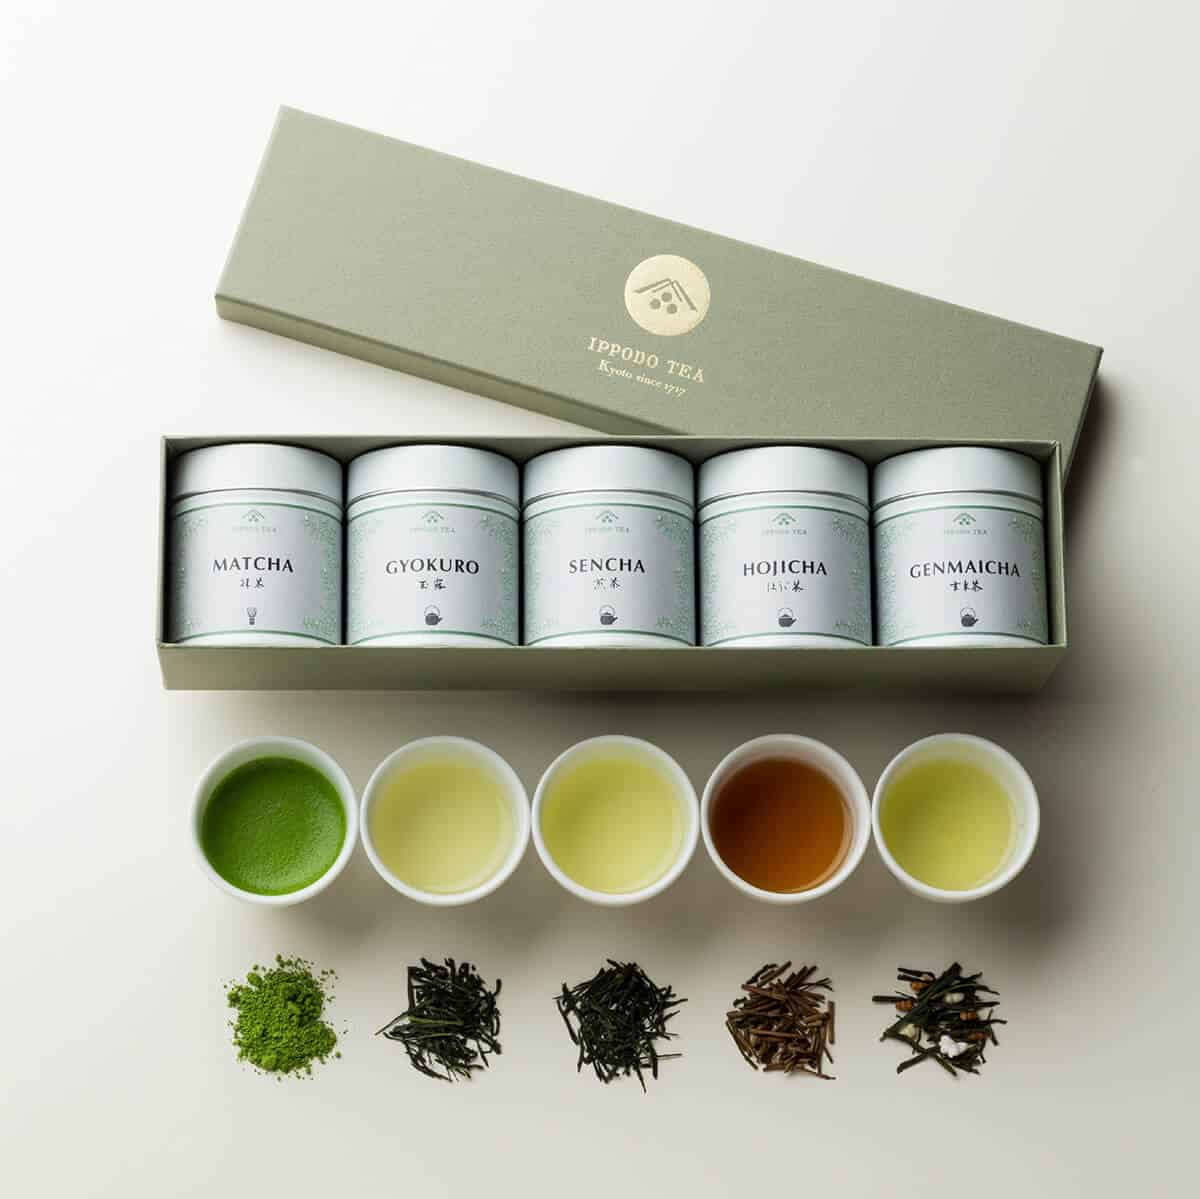 簡約典雅的茶類LOGO設計